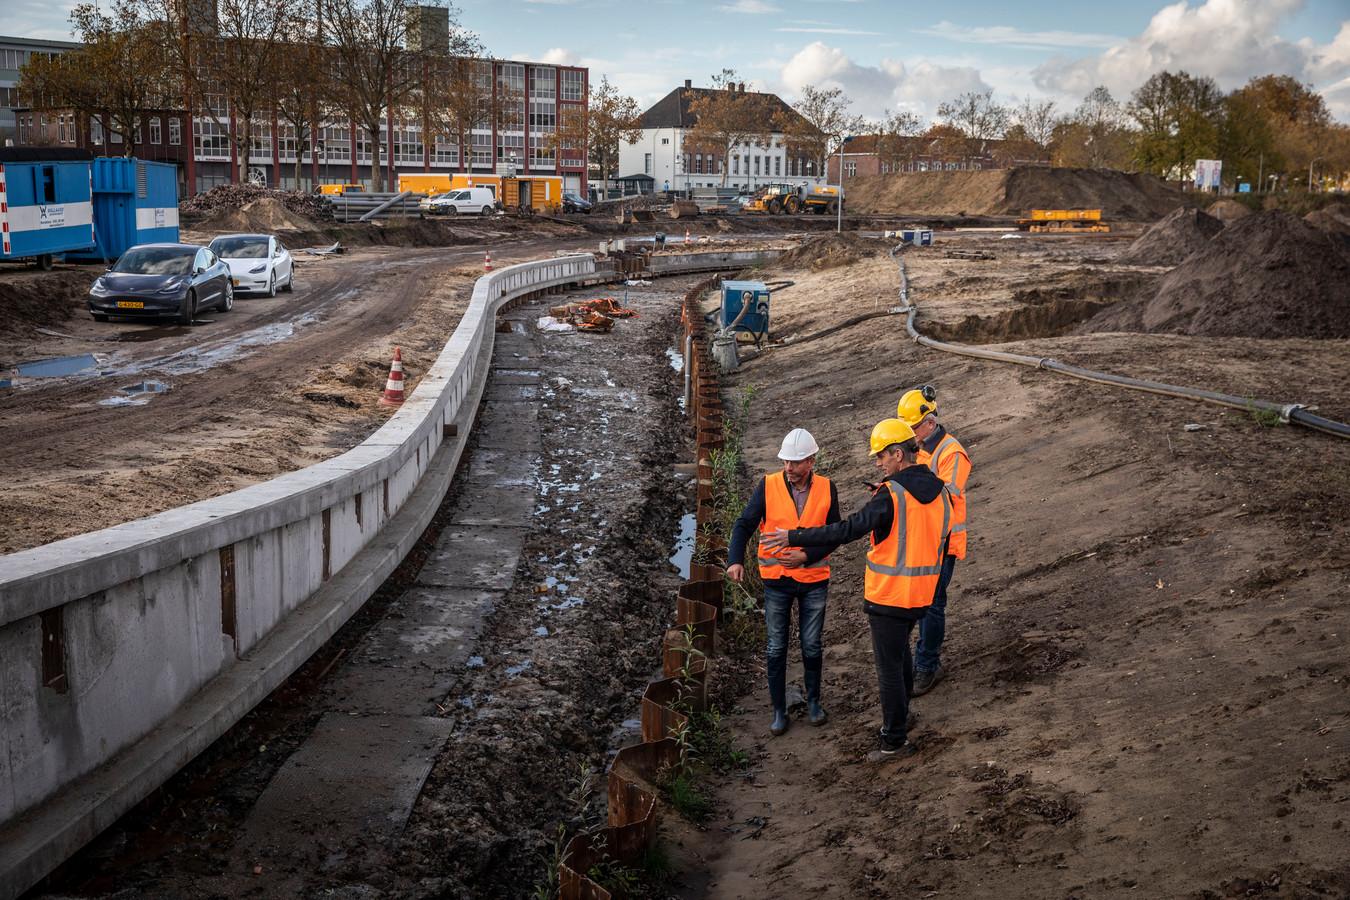 Wethouder Erik de Vries (links), projectleider Jack Vogels van de gemeente en aannemer Ad van den Hurk maken een rondje door het Burgemeester Geukerspark in aanleg. Op de achtergrond is Raymakers aan het kanaal zichtbaar.